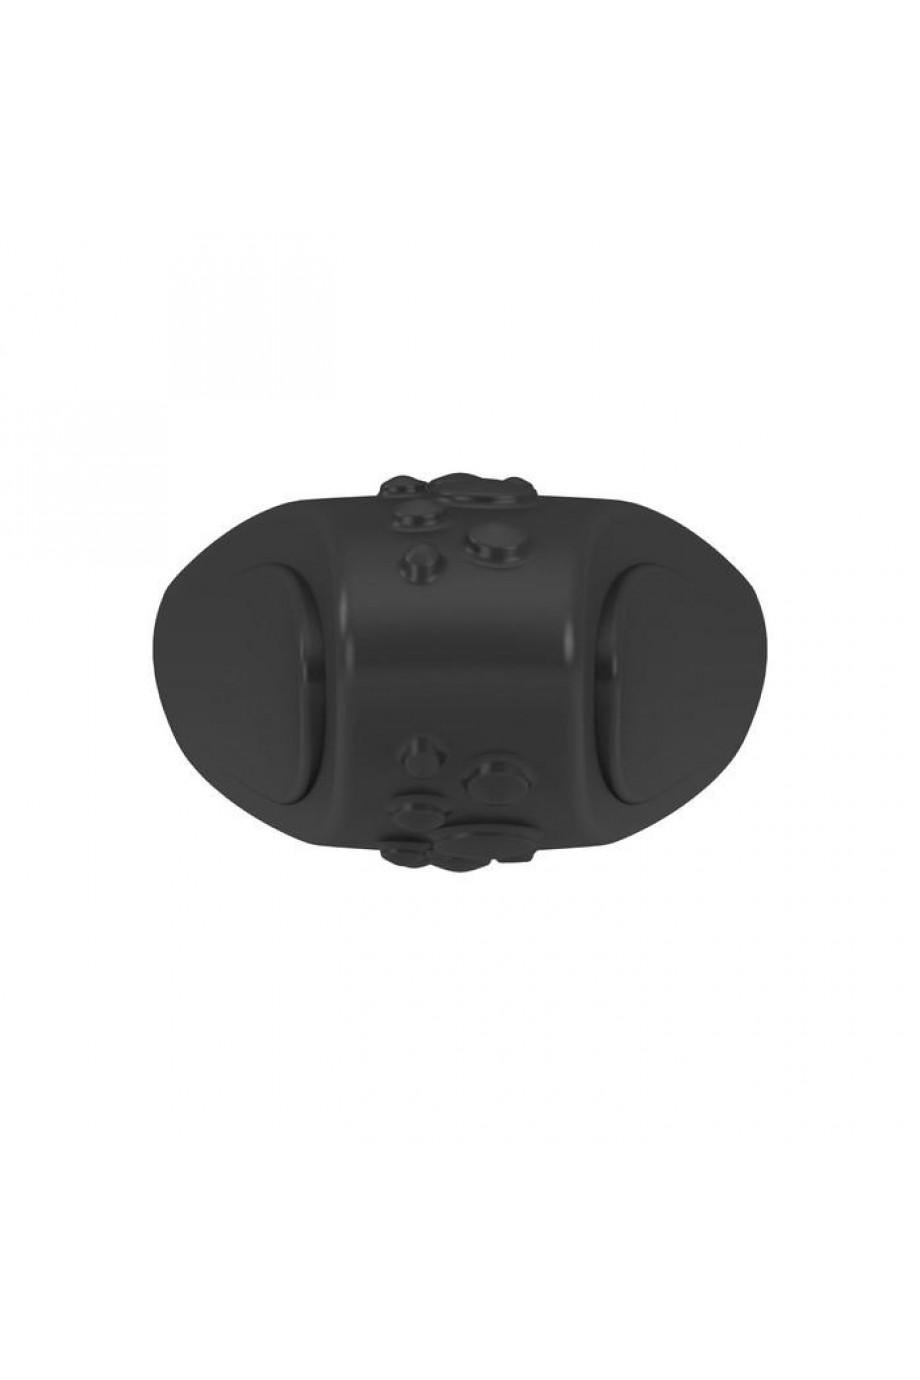 Эрекционное кольцо OVO с ультрасильной вибрацией и рельефным элементом для клиторальной стимуляции, силиконовое, черное